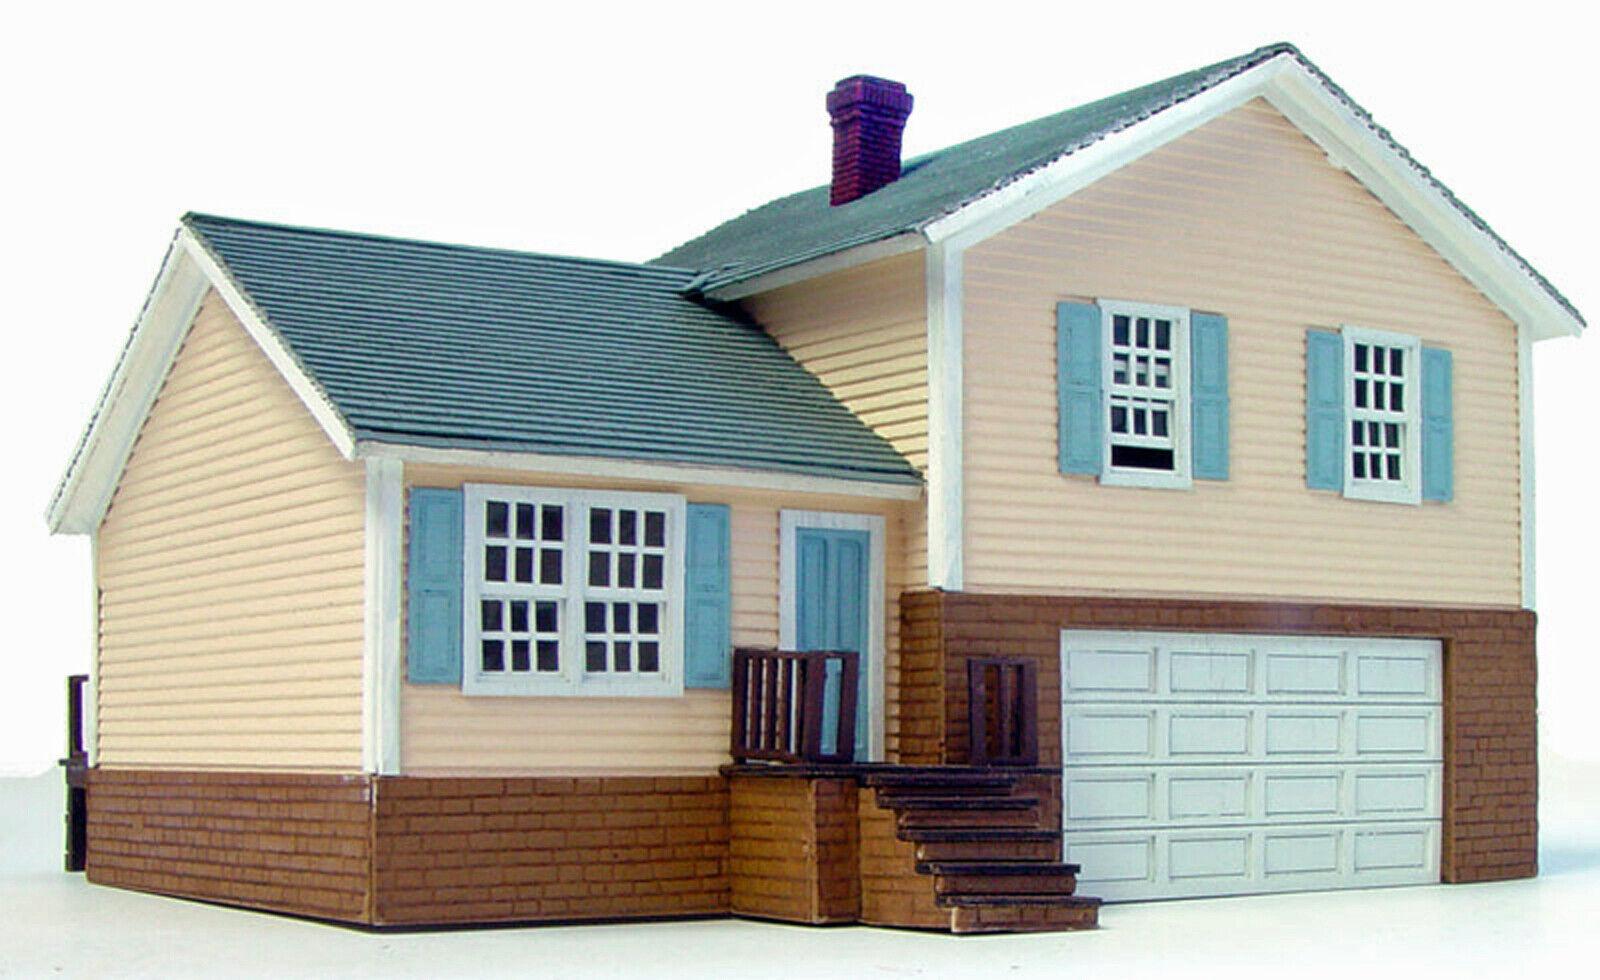 SPLIT LEVEL HOUSE HO Model Railroad Structure Unpainted Laser-Cut Wood Kit LA612